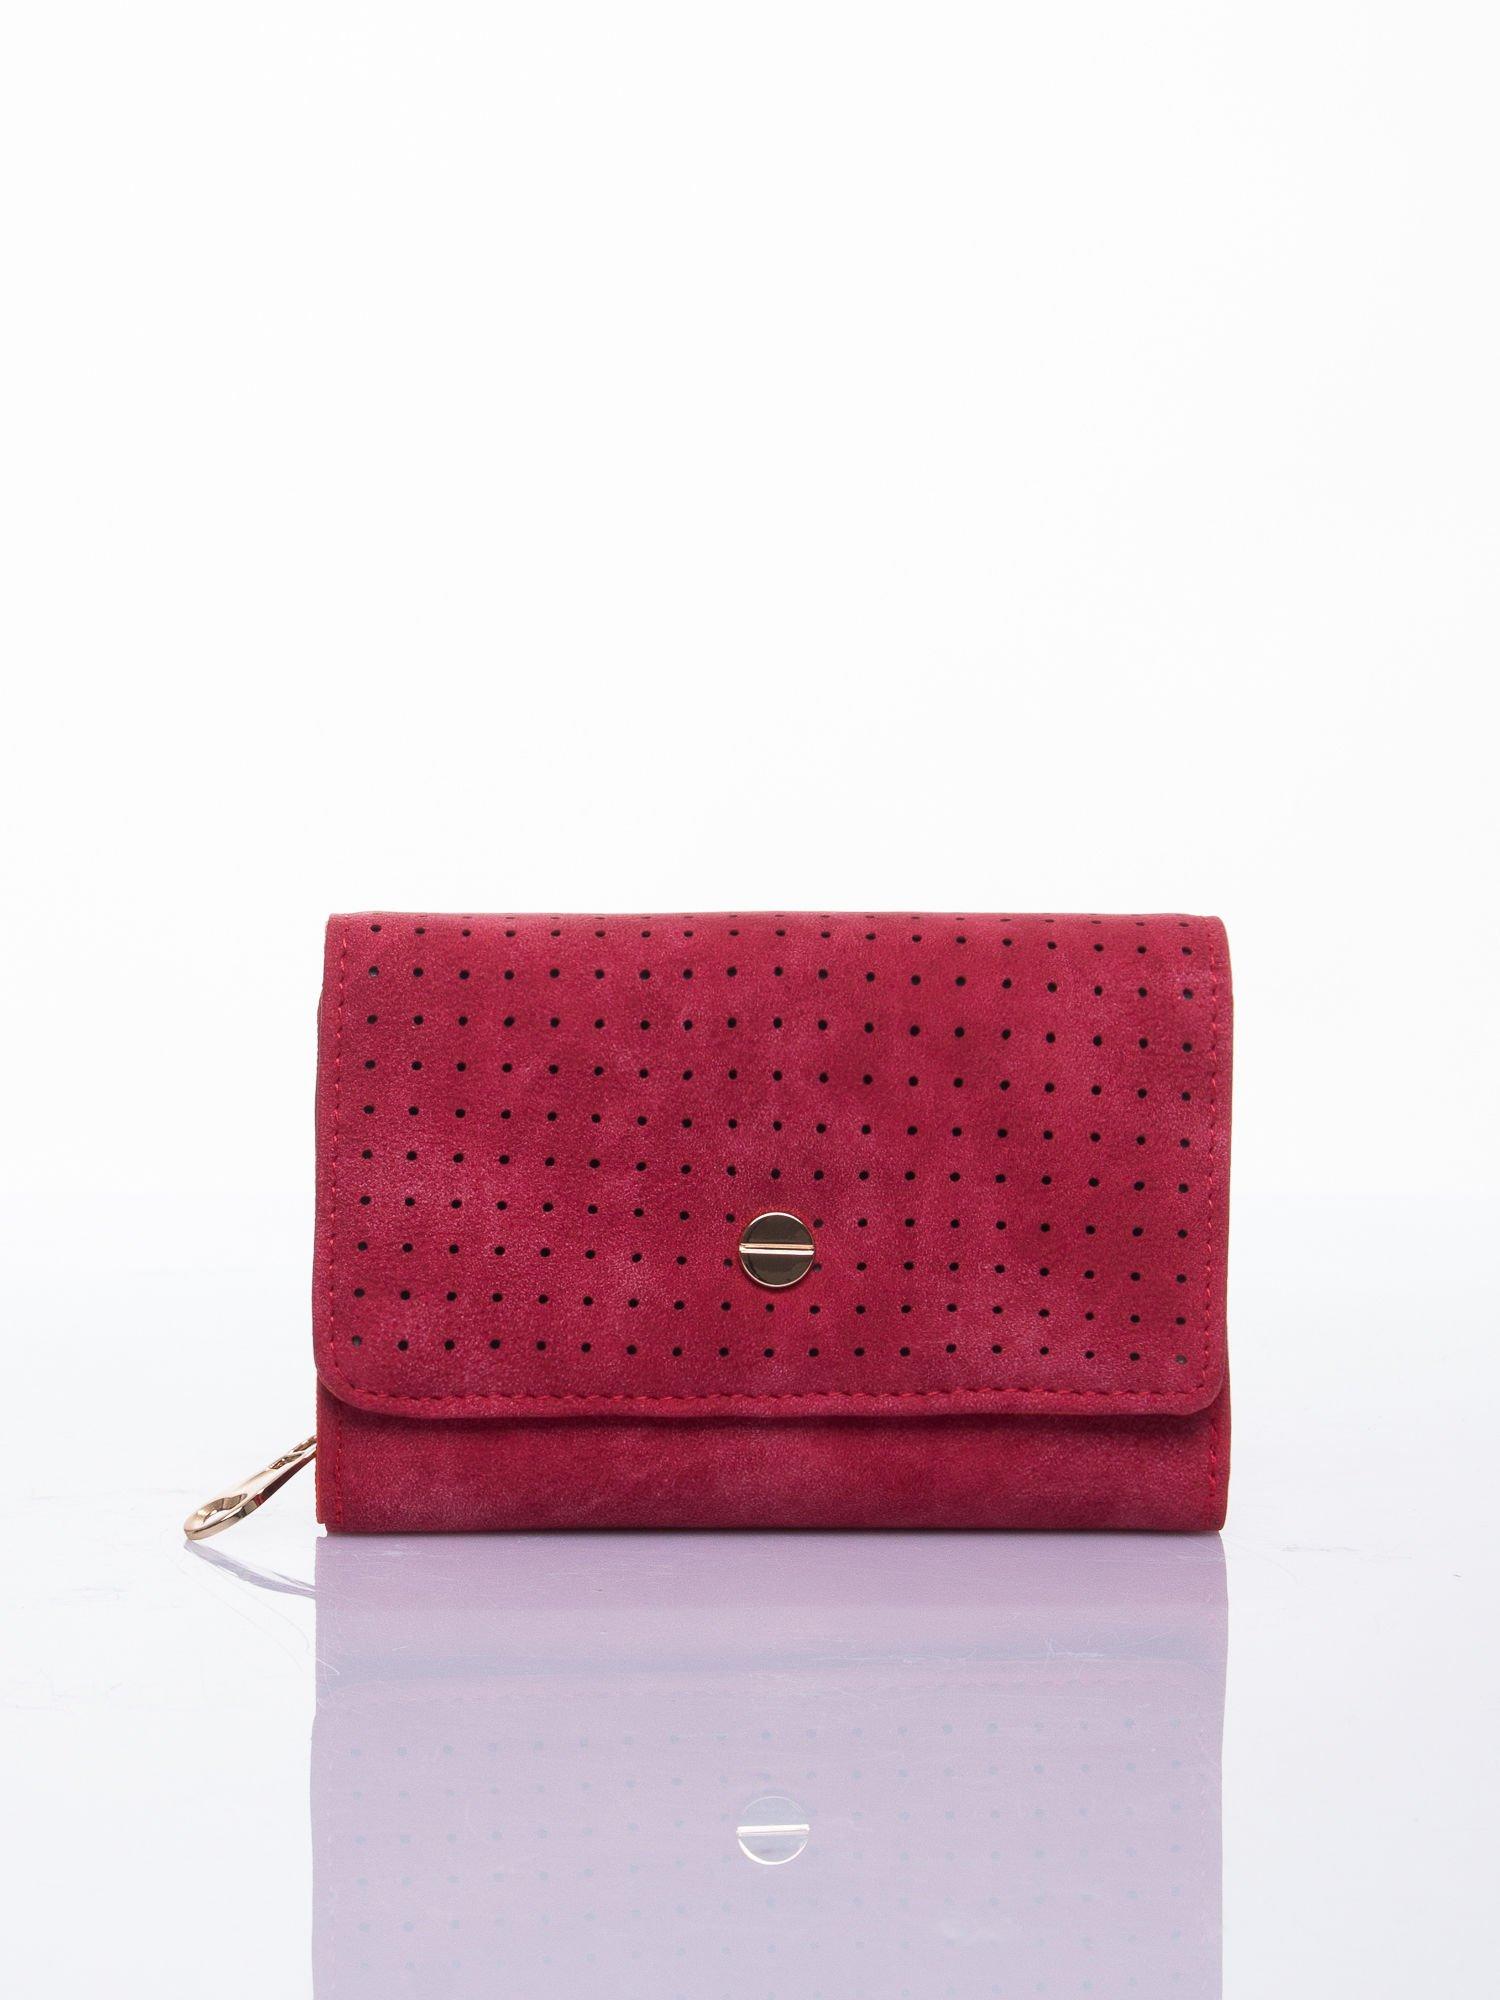 Czerwony ażurowany portfel ze złotym zapięciem                                  zdj.                                  1